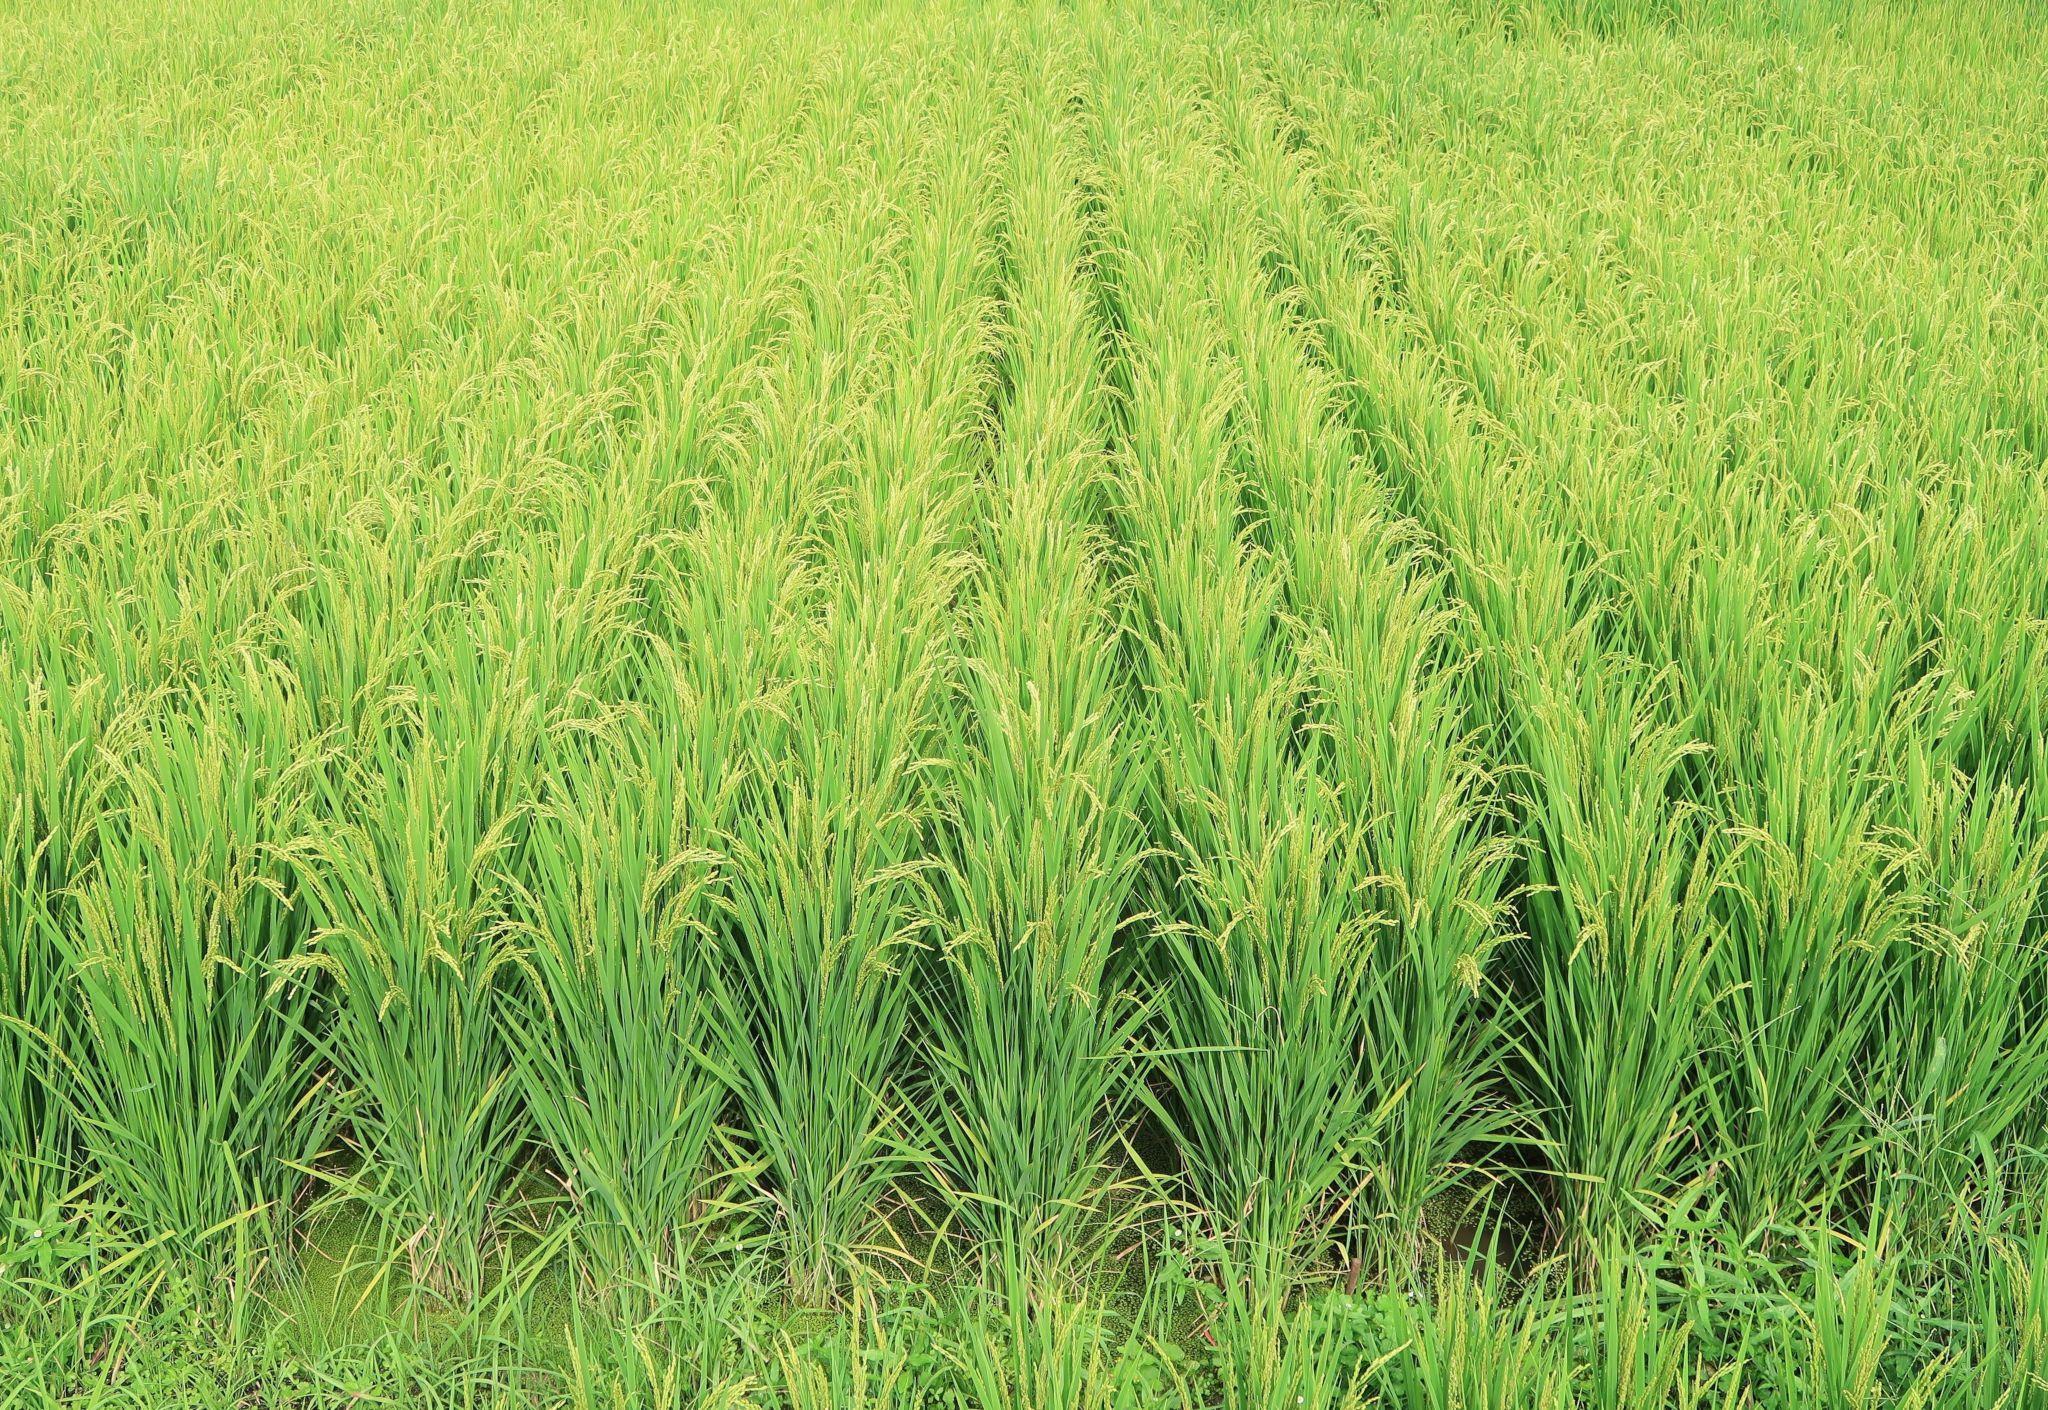 Rice crop monitoring using multirotor UAV and RGB digital